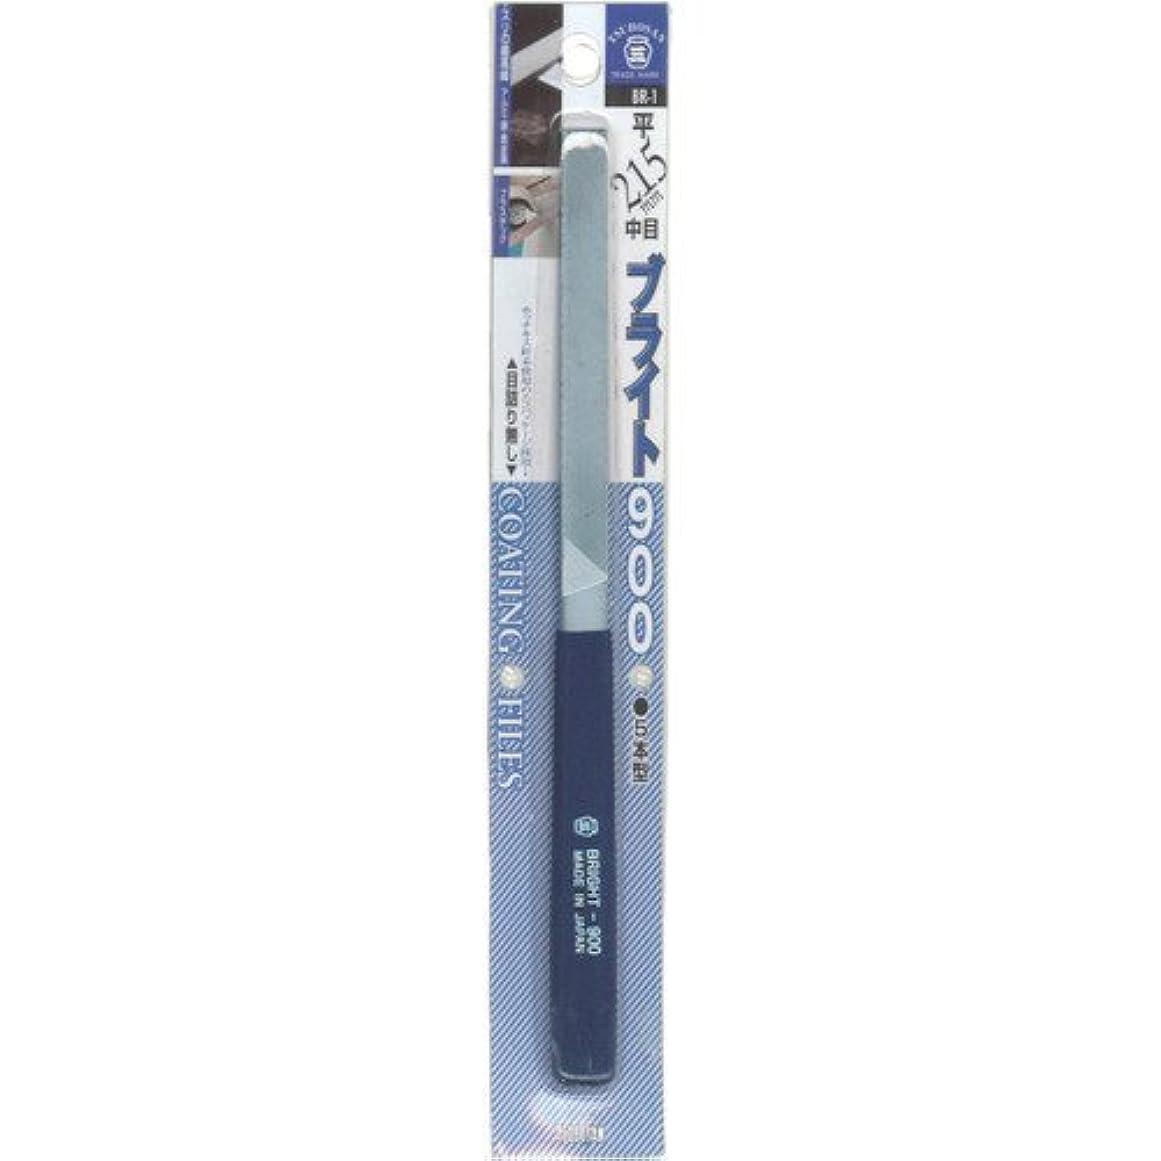 風刺ガイドライン単位ツボサン ブライト900 5本型 平 中目 BR1